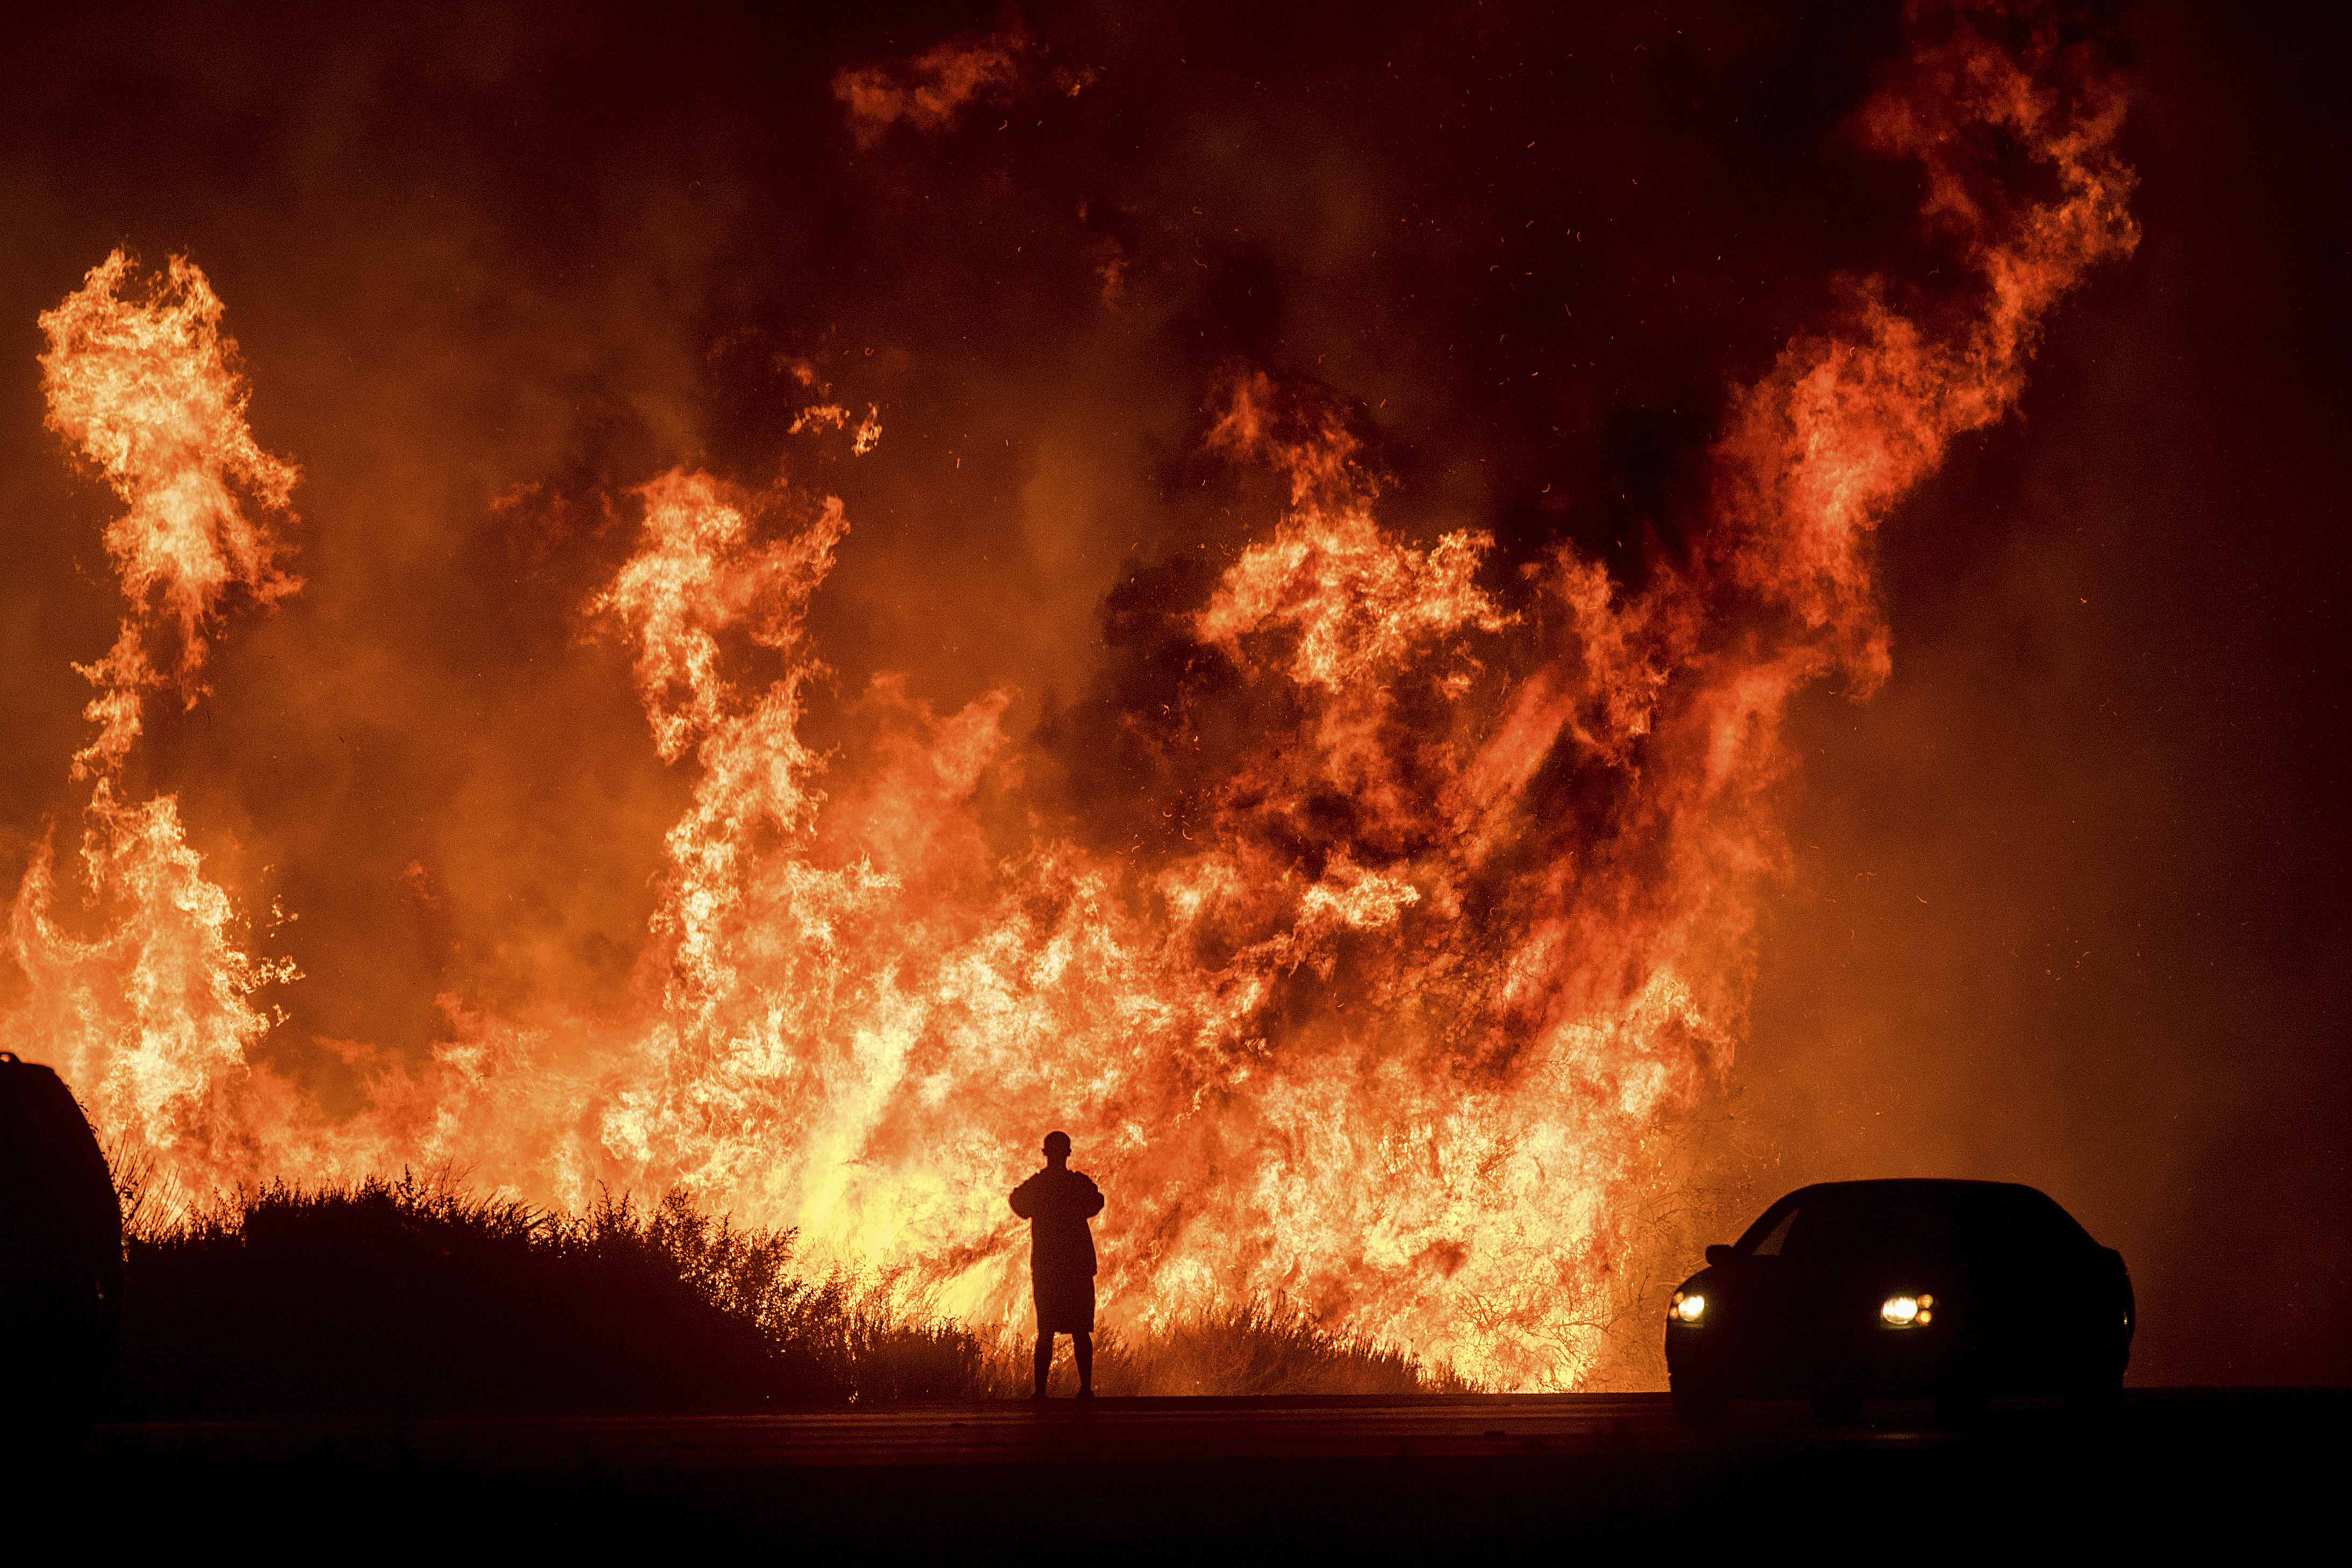 Καλιφόρνια  Πάνω από 9 δισ. δολάρια οι ασφαλισμένες υλικές ζημιές από τις  πυρκαγιές 9765899ce7b